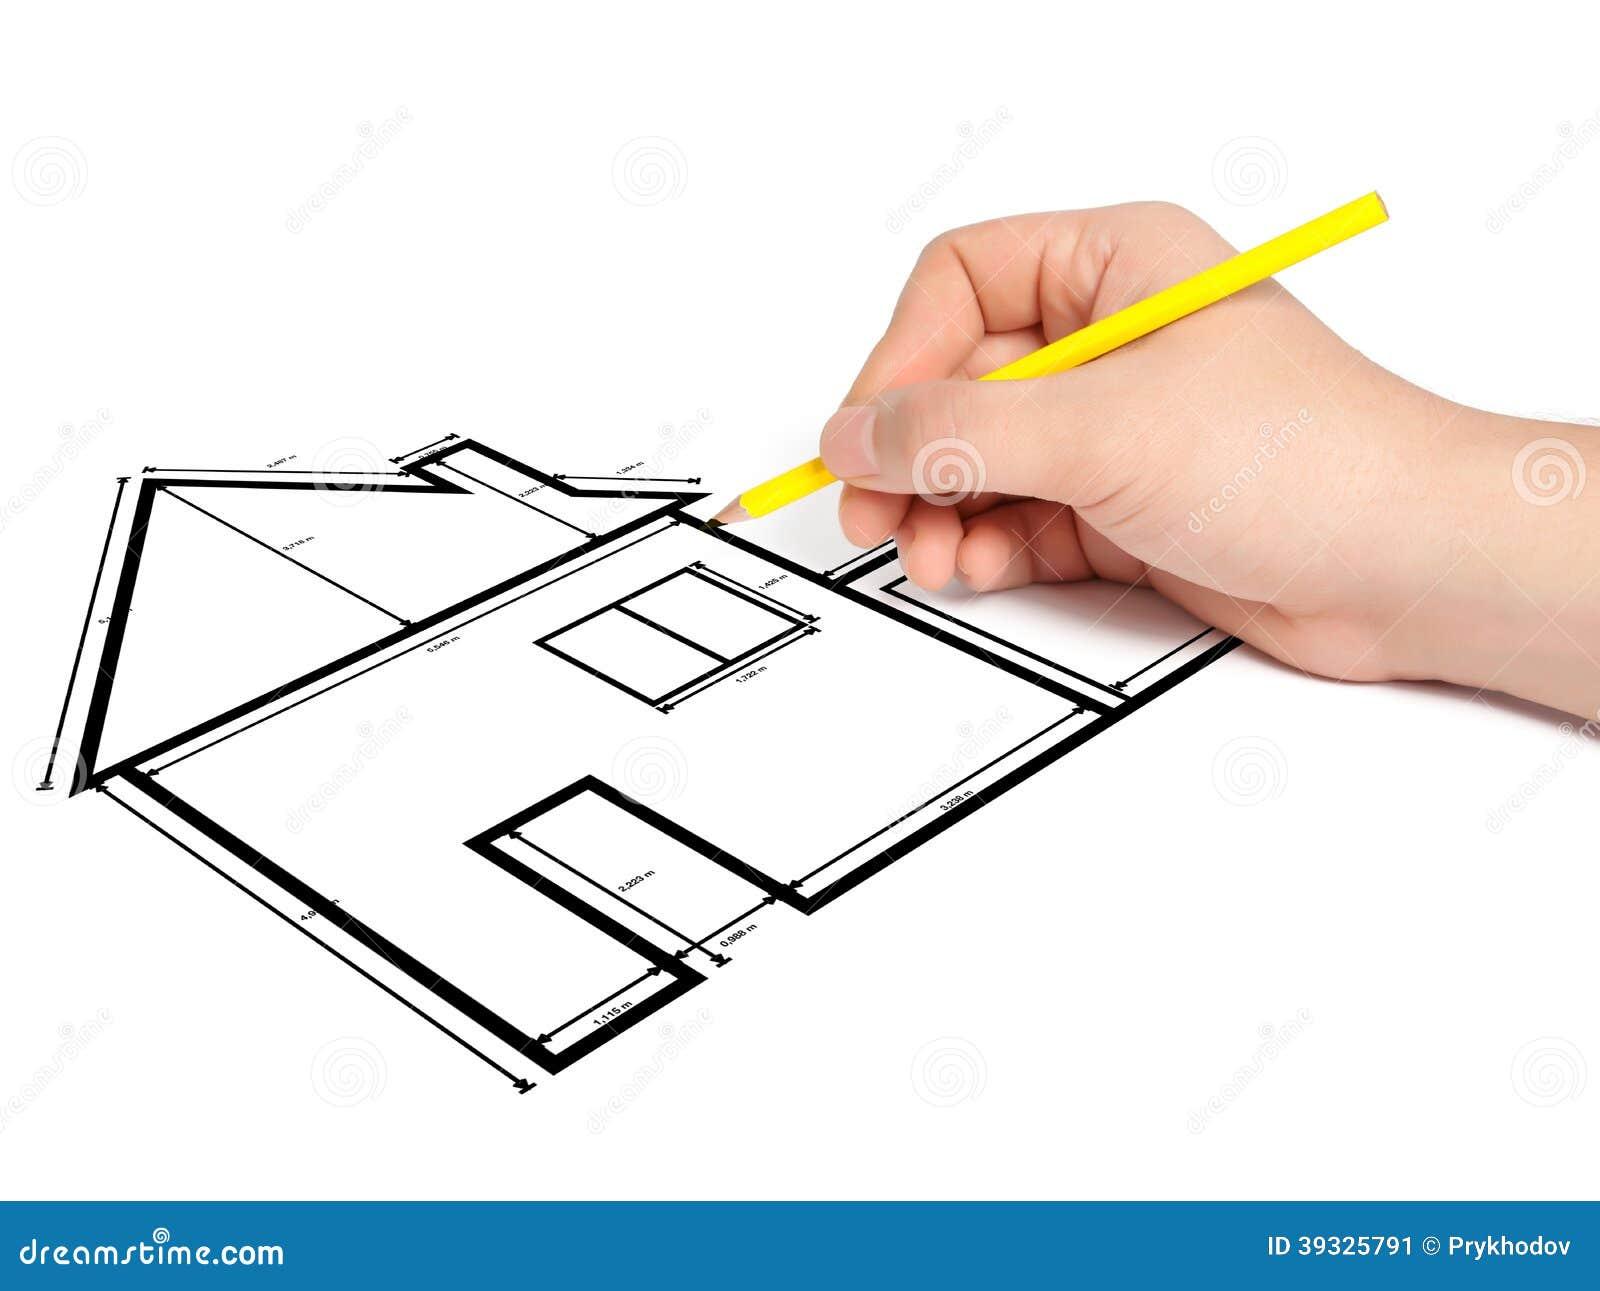 L 39 architecte dessine un projet de maison de dessin for Dessin architecte maison